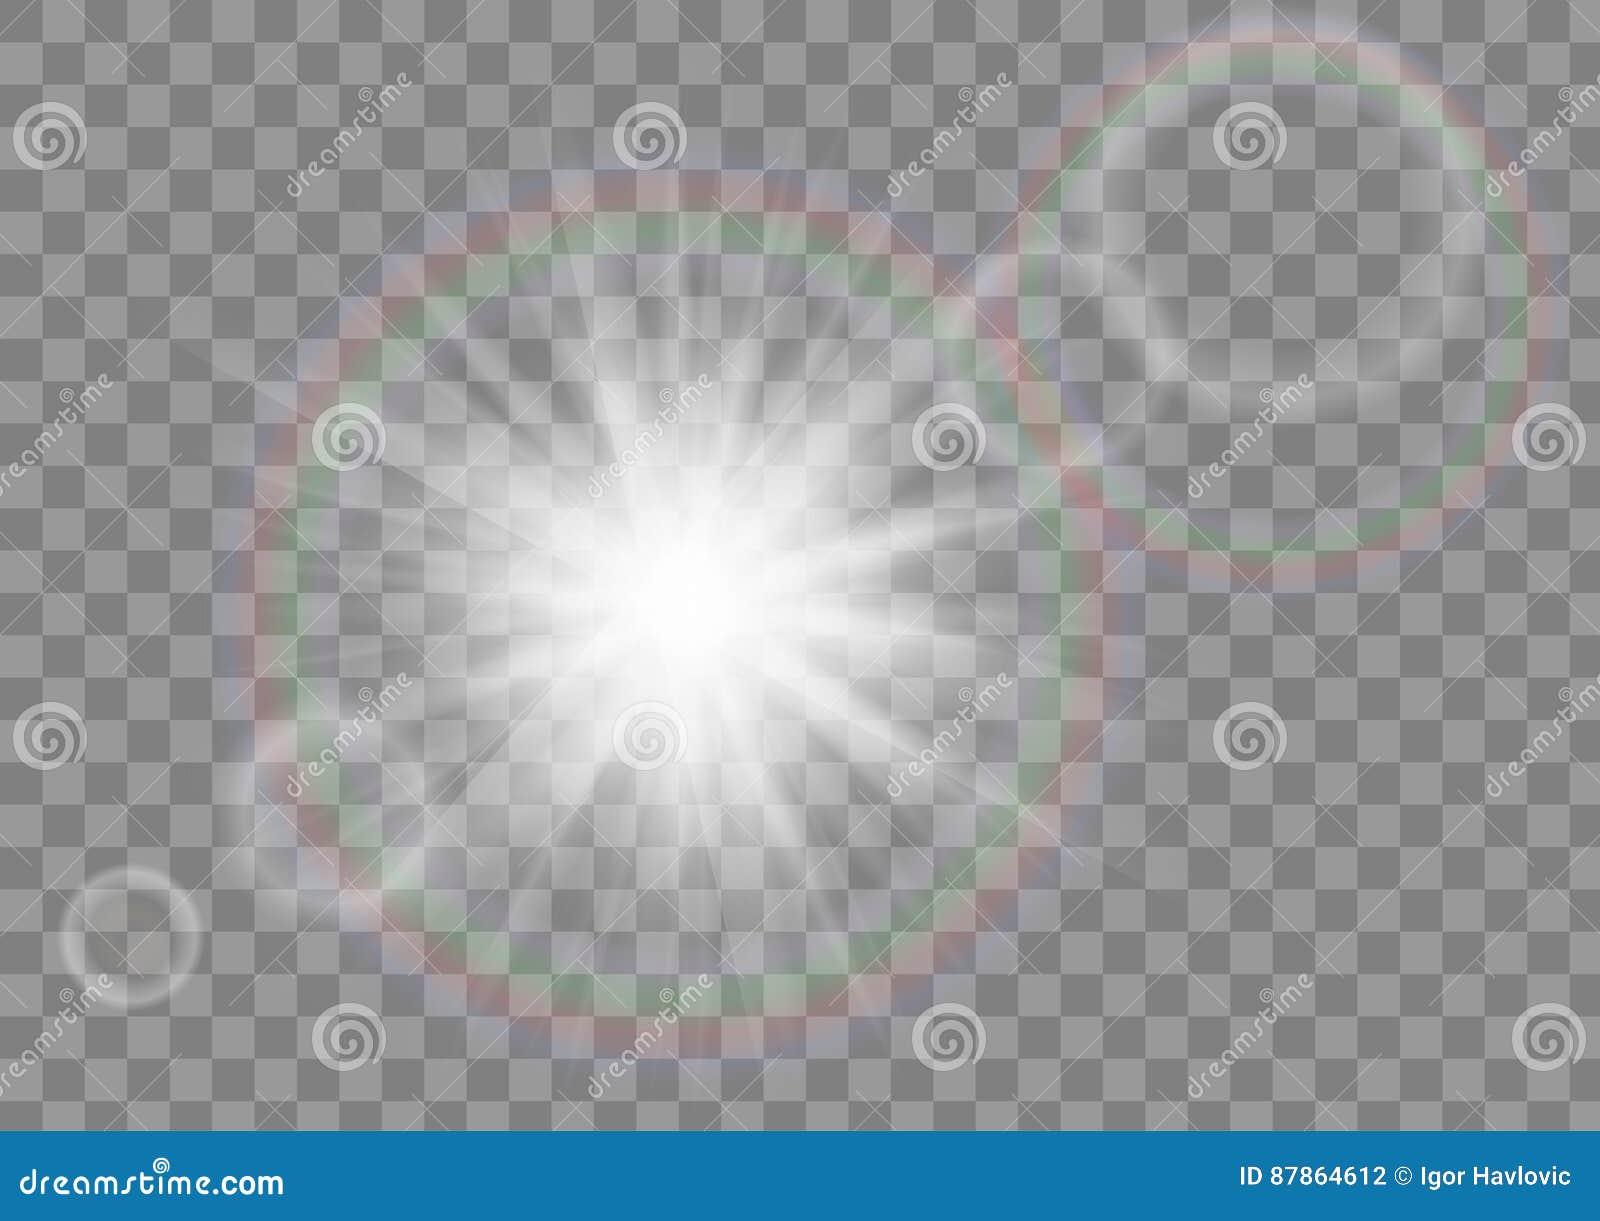 Estrela de incandescência da faísca dos raios do sol com efeito do alargamento da lente no fundo transparente do vetor